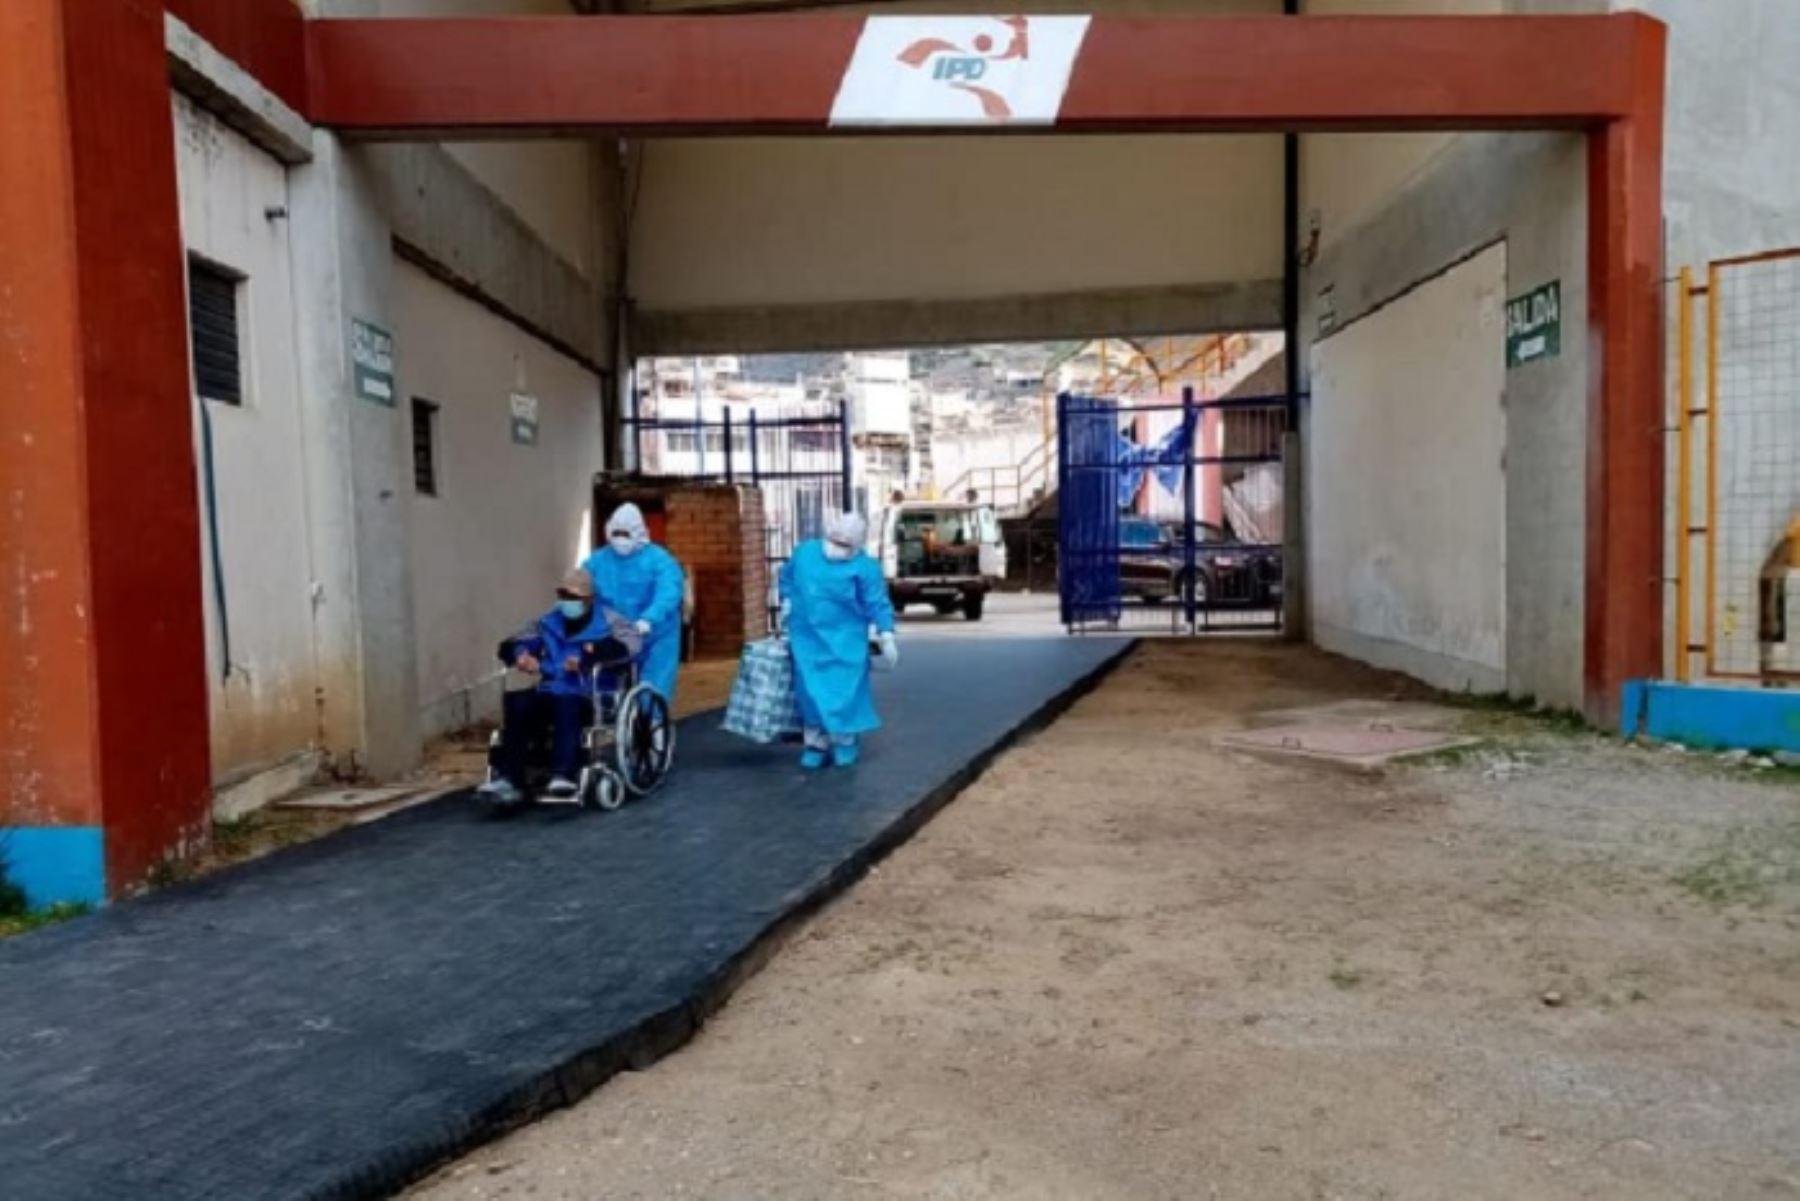 El nuevo centro de atención covid-19, cuenta con toda la implementación equipada para que los pacientes puedan ser atendidos de manera oportuna y eficaz.